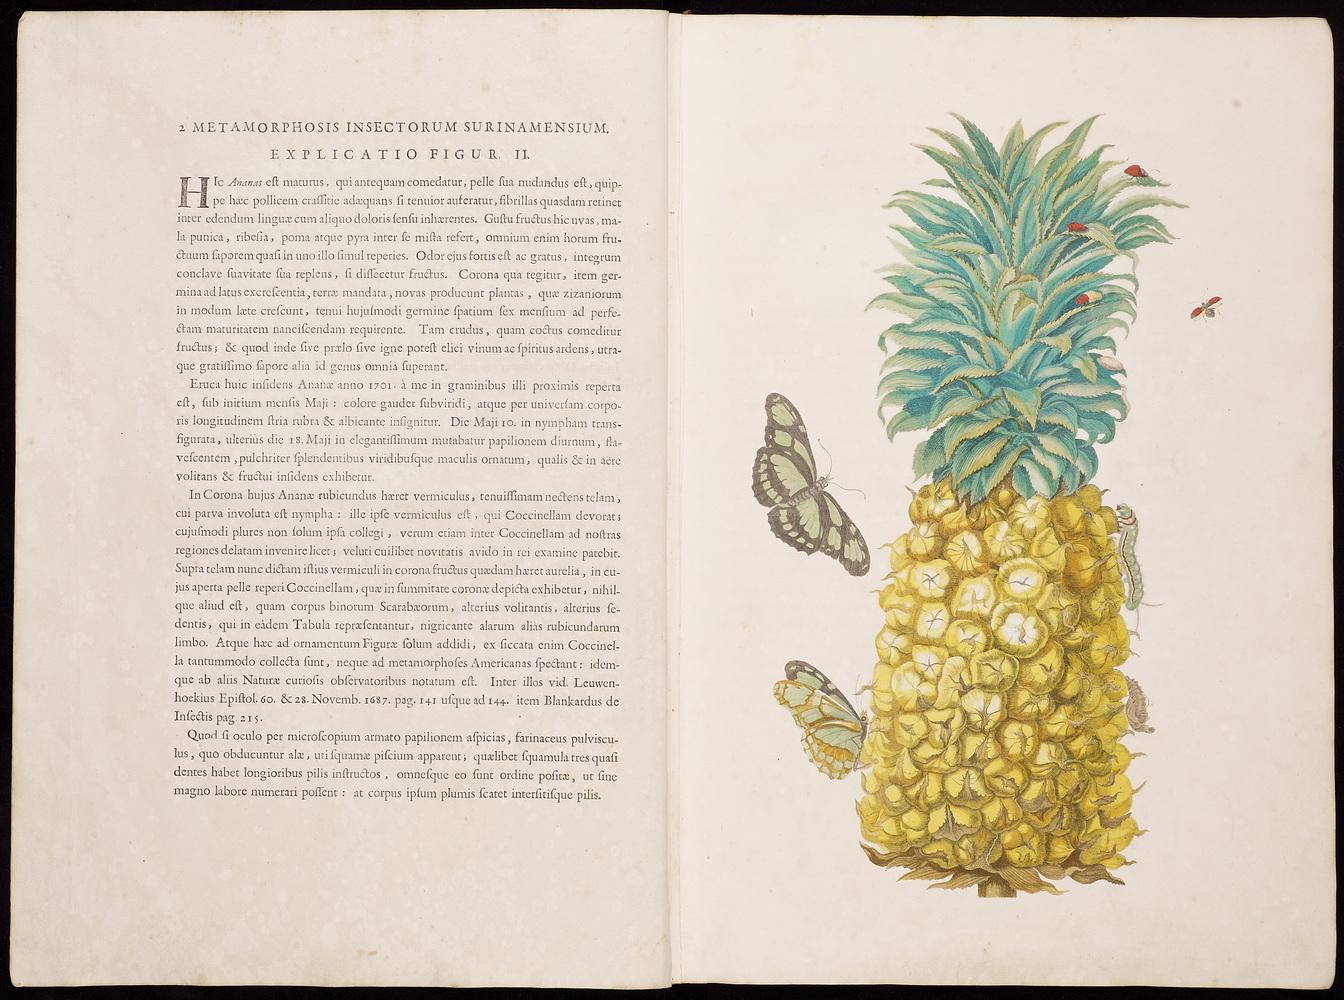 Maria Sibylla Merian, Dissertatio de generatione et metamorphosibus insectorum Surinamensium